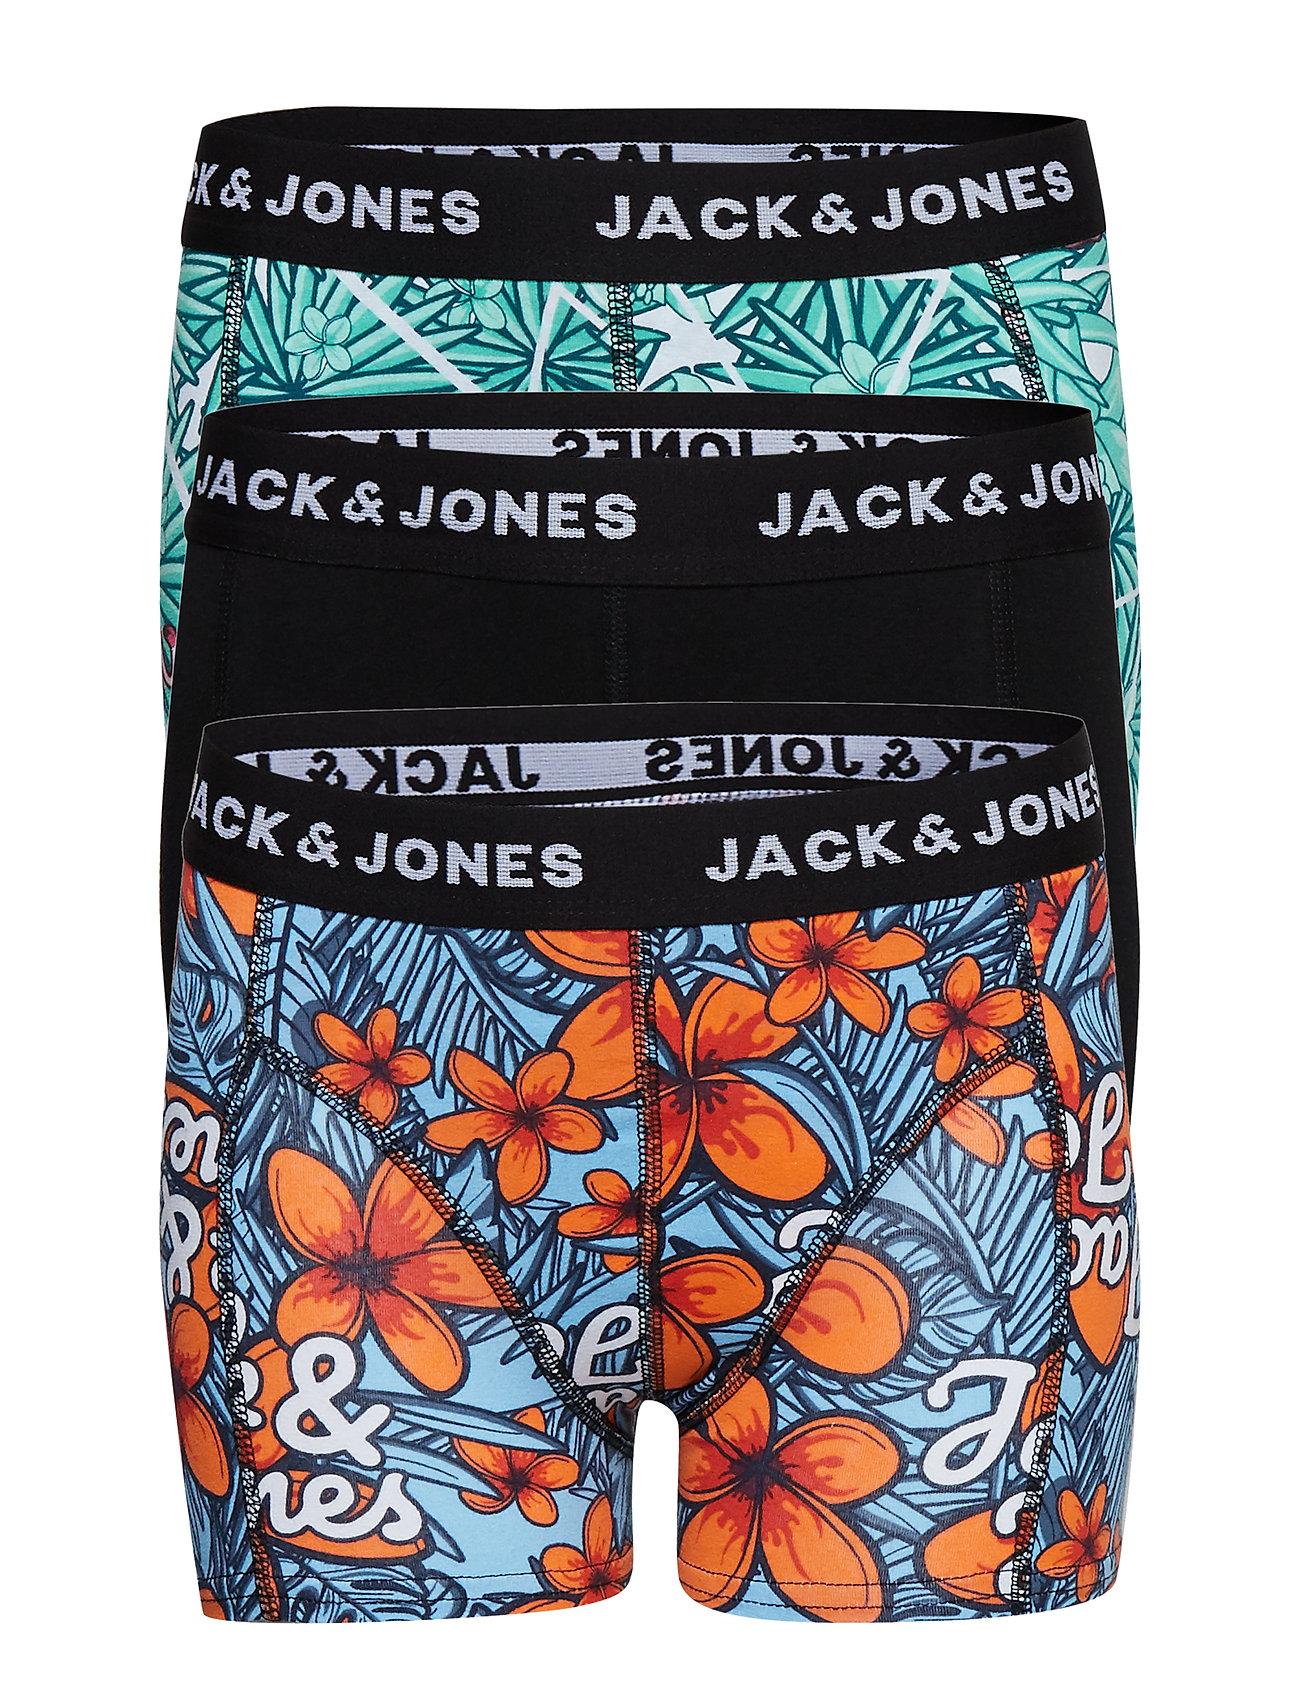 Jack & Jones JACTROPICANA TRUNKS 3 PACK JUNIOR